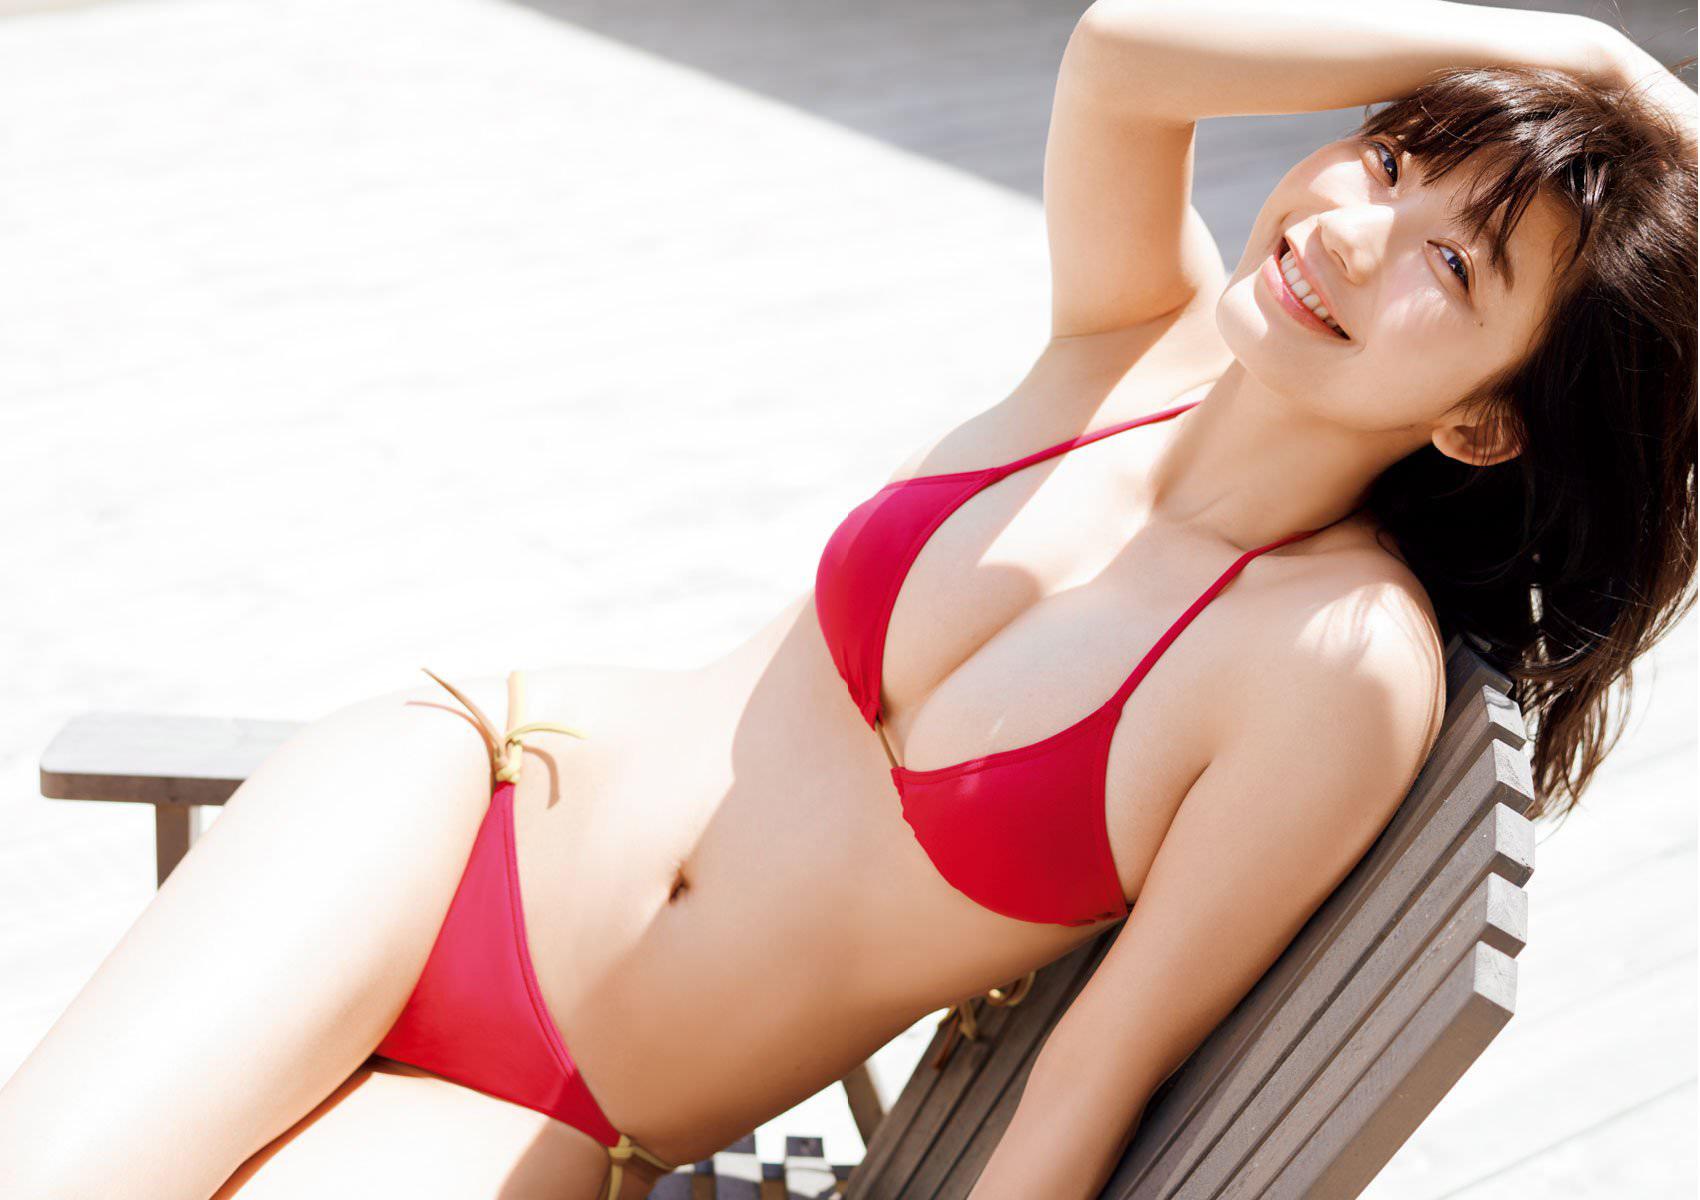 ogura_yuuka166.jpg